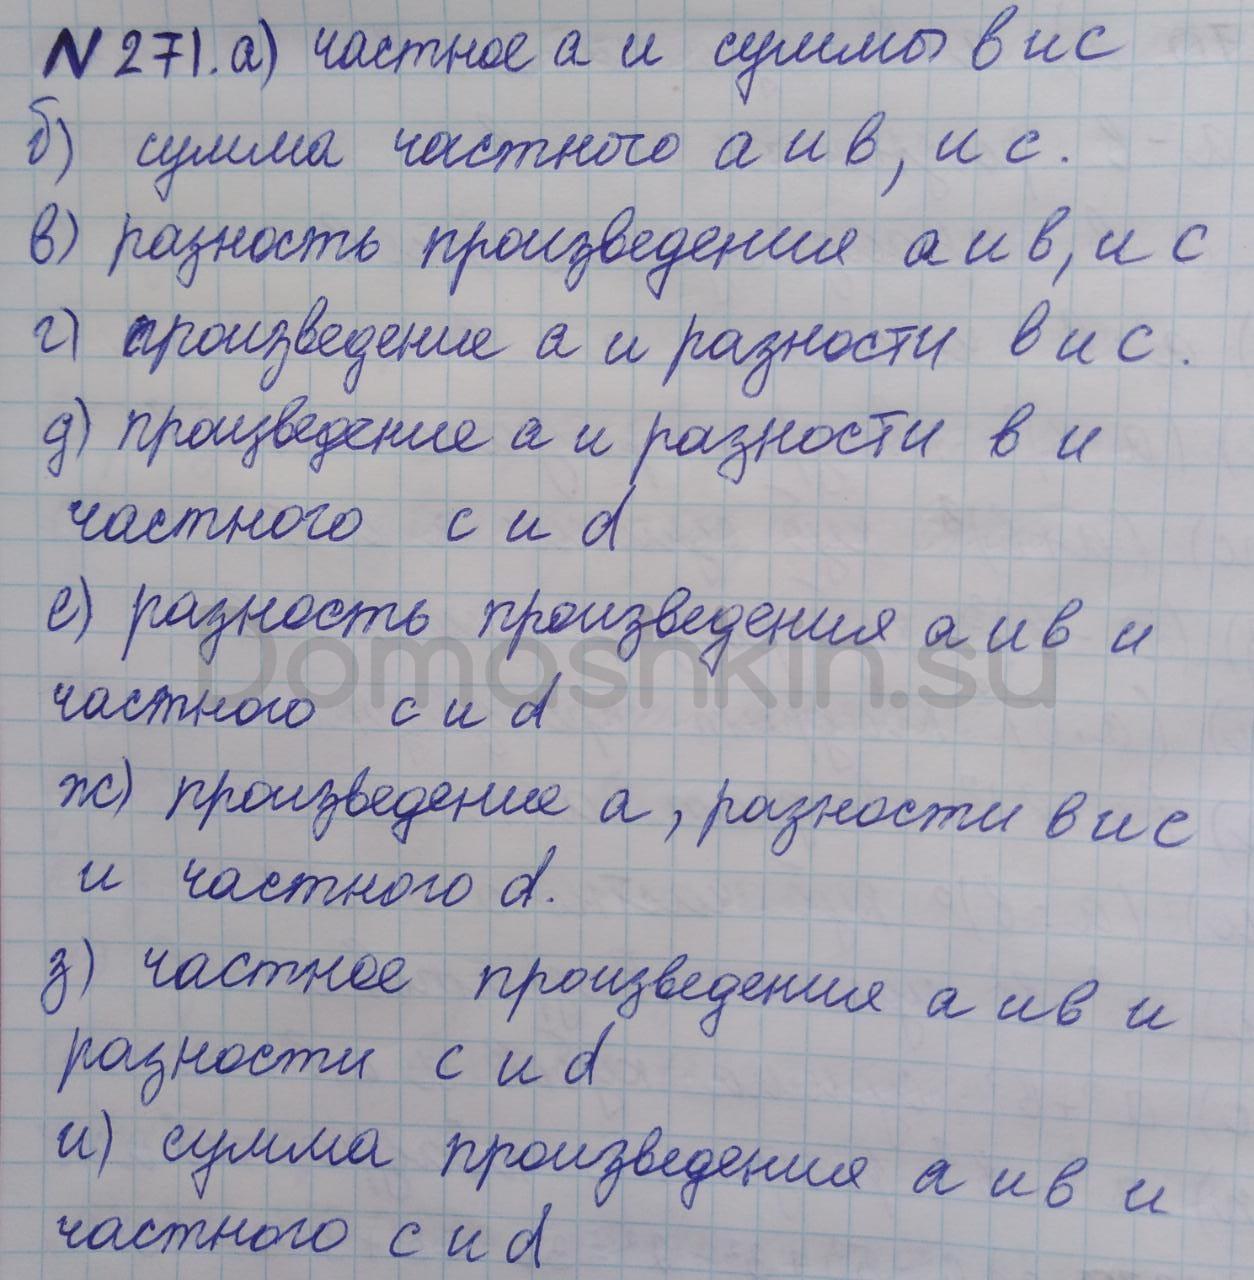 Математика 5 класс учебник Никольский номер 271 решение